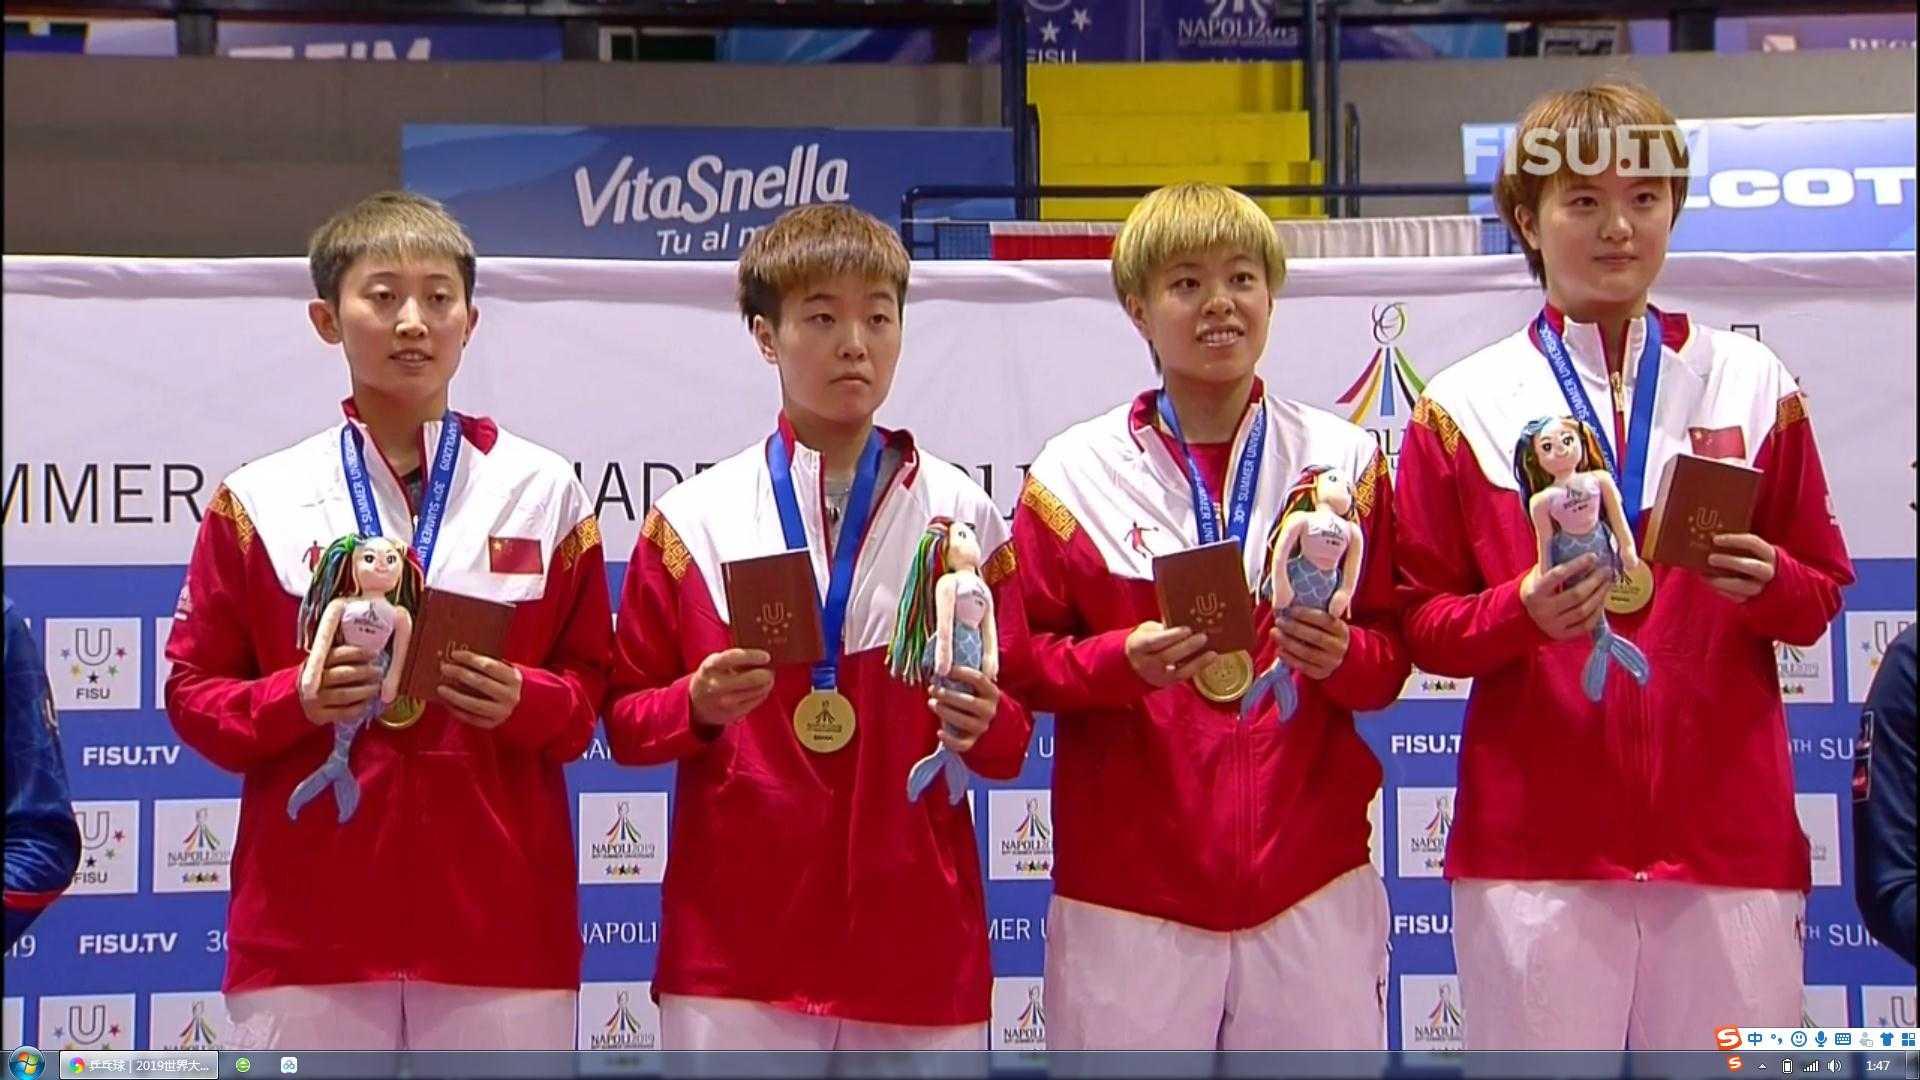 世界大运会集锦 | 女子乒乓球团体 首创佳绩勇夺金